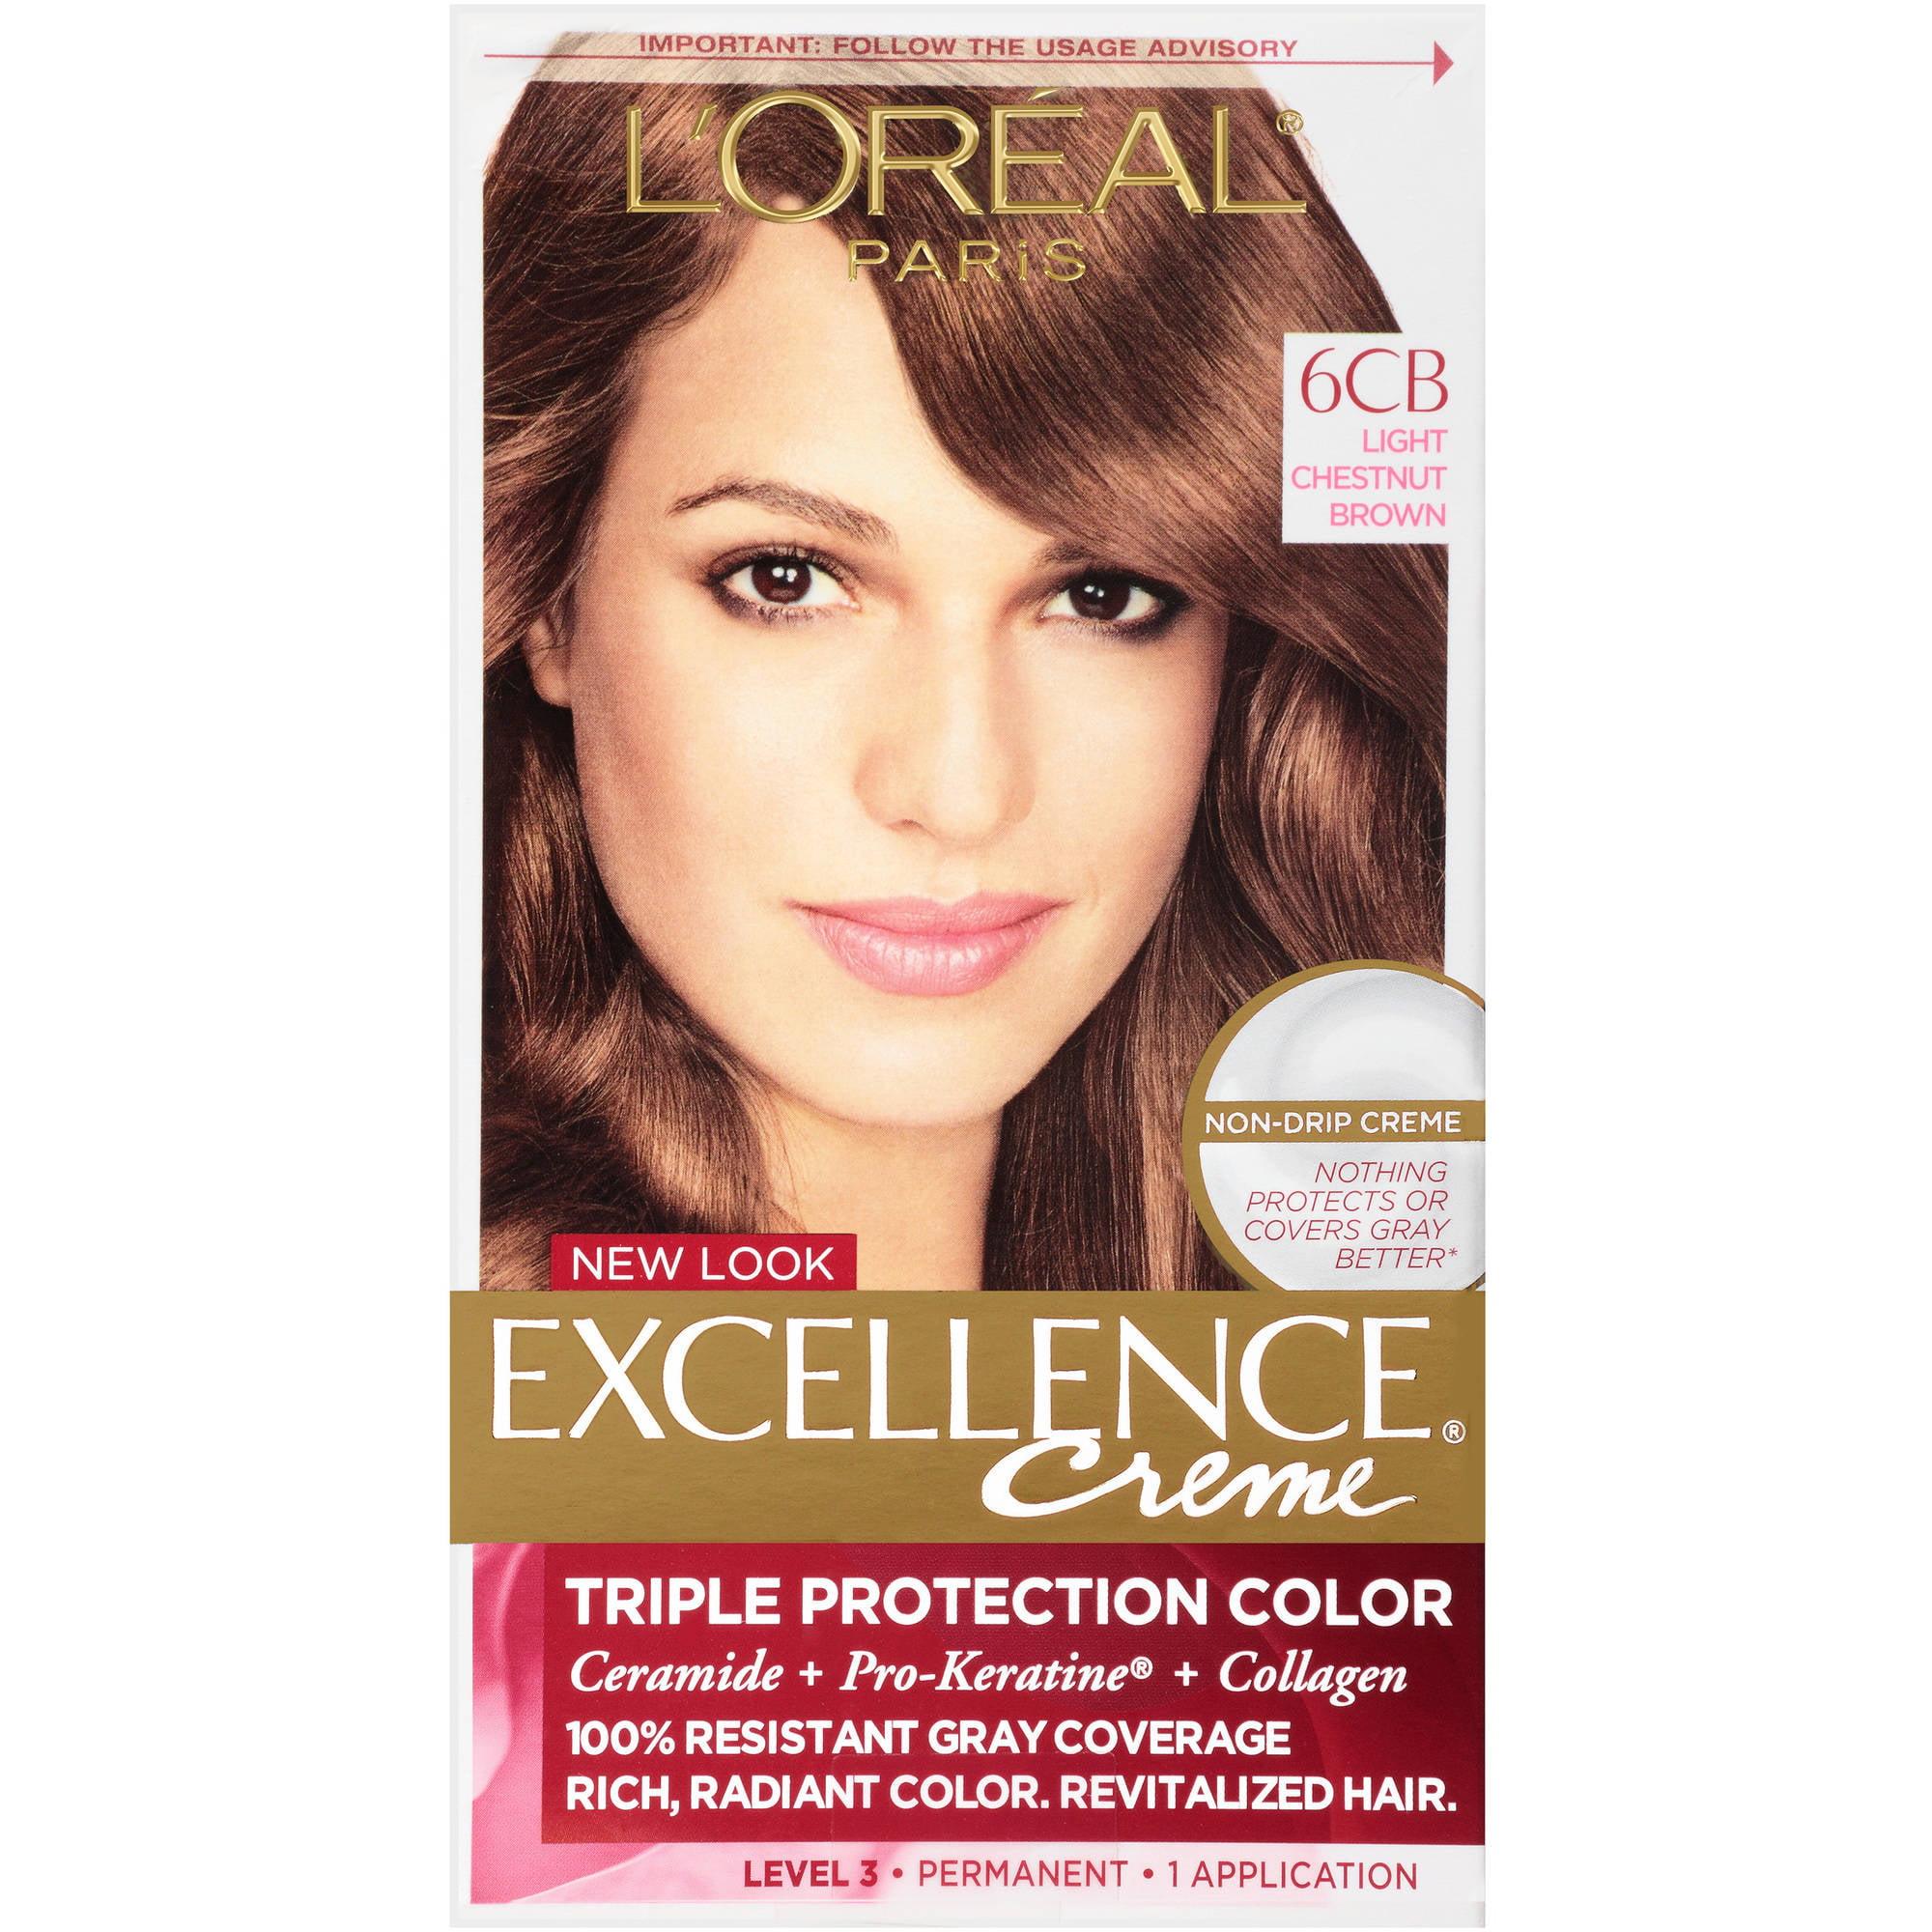 L'Oreal Paris Excellence Non-Drip Creme Triple Protection Color